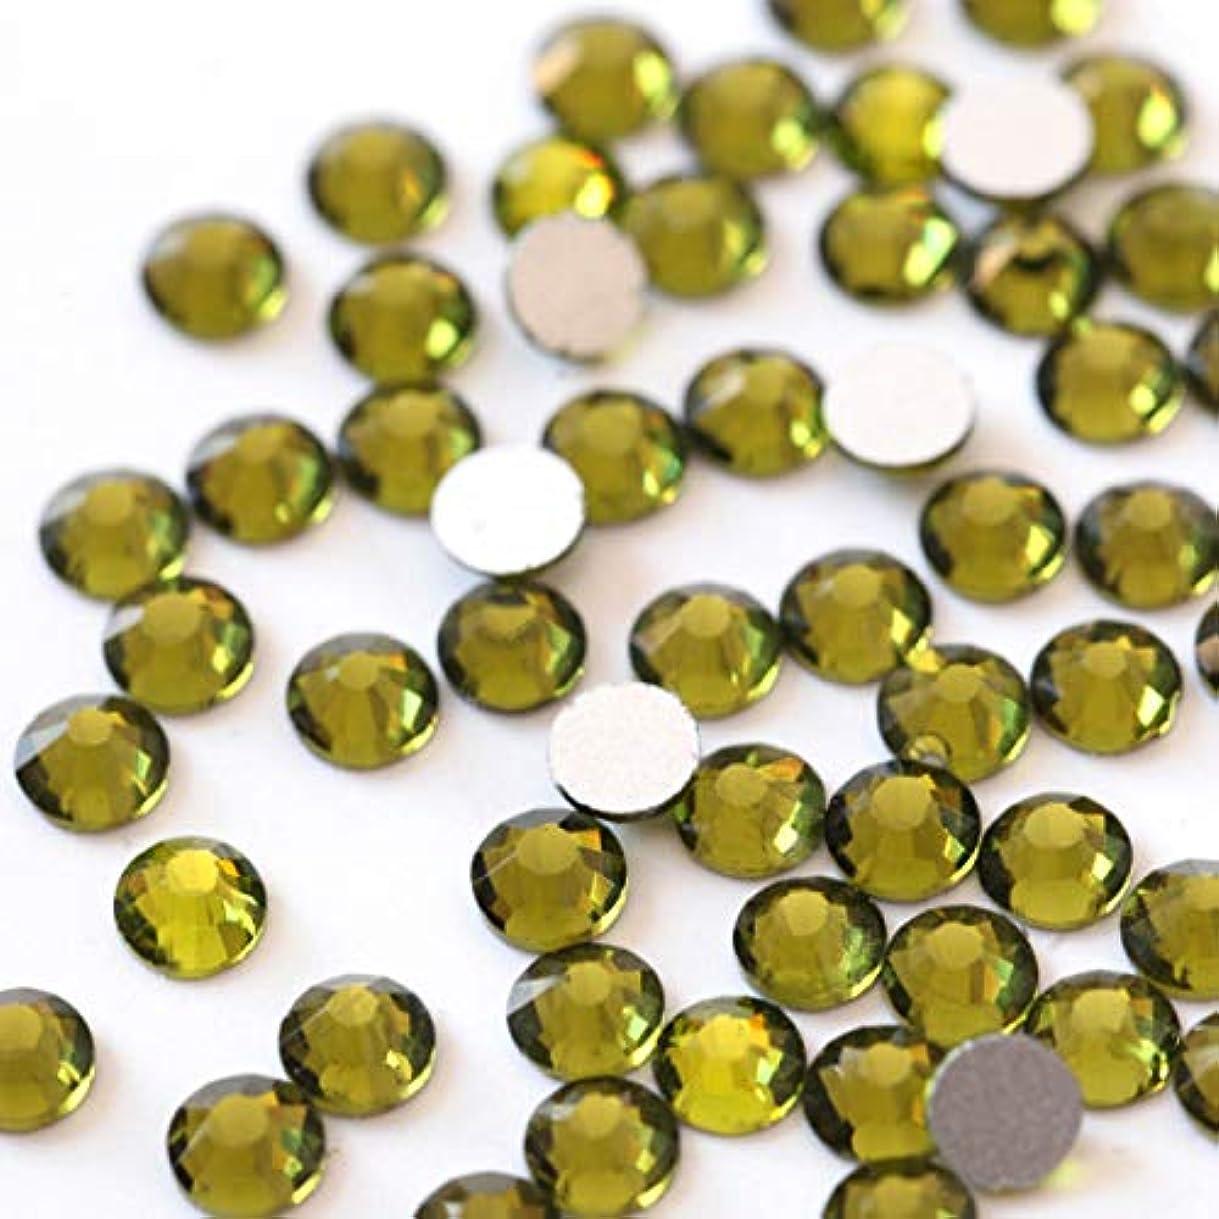 抵抗絶望パノラマ【ラインストーン77】 超高級 ガラス製ラインストーン SS4~SS40 オリーブ スワロフスキー同等 (3.0mm (SS12) 約200粒)